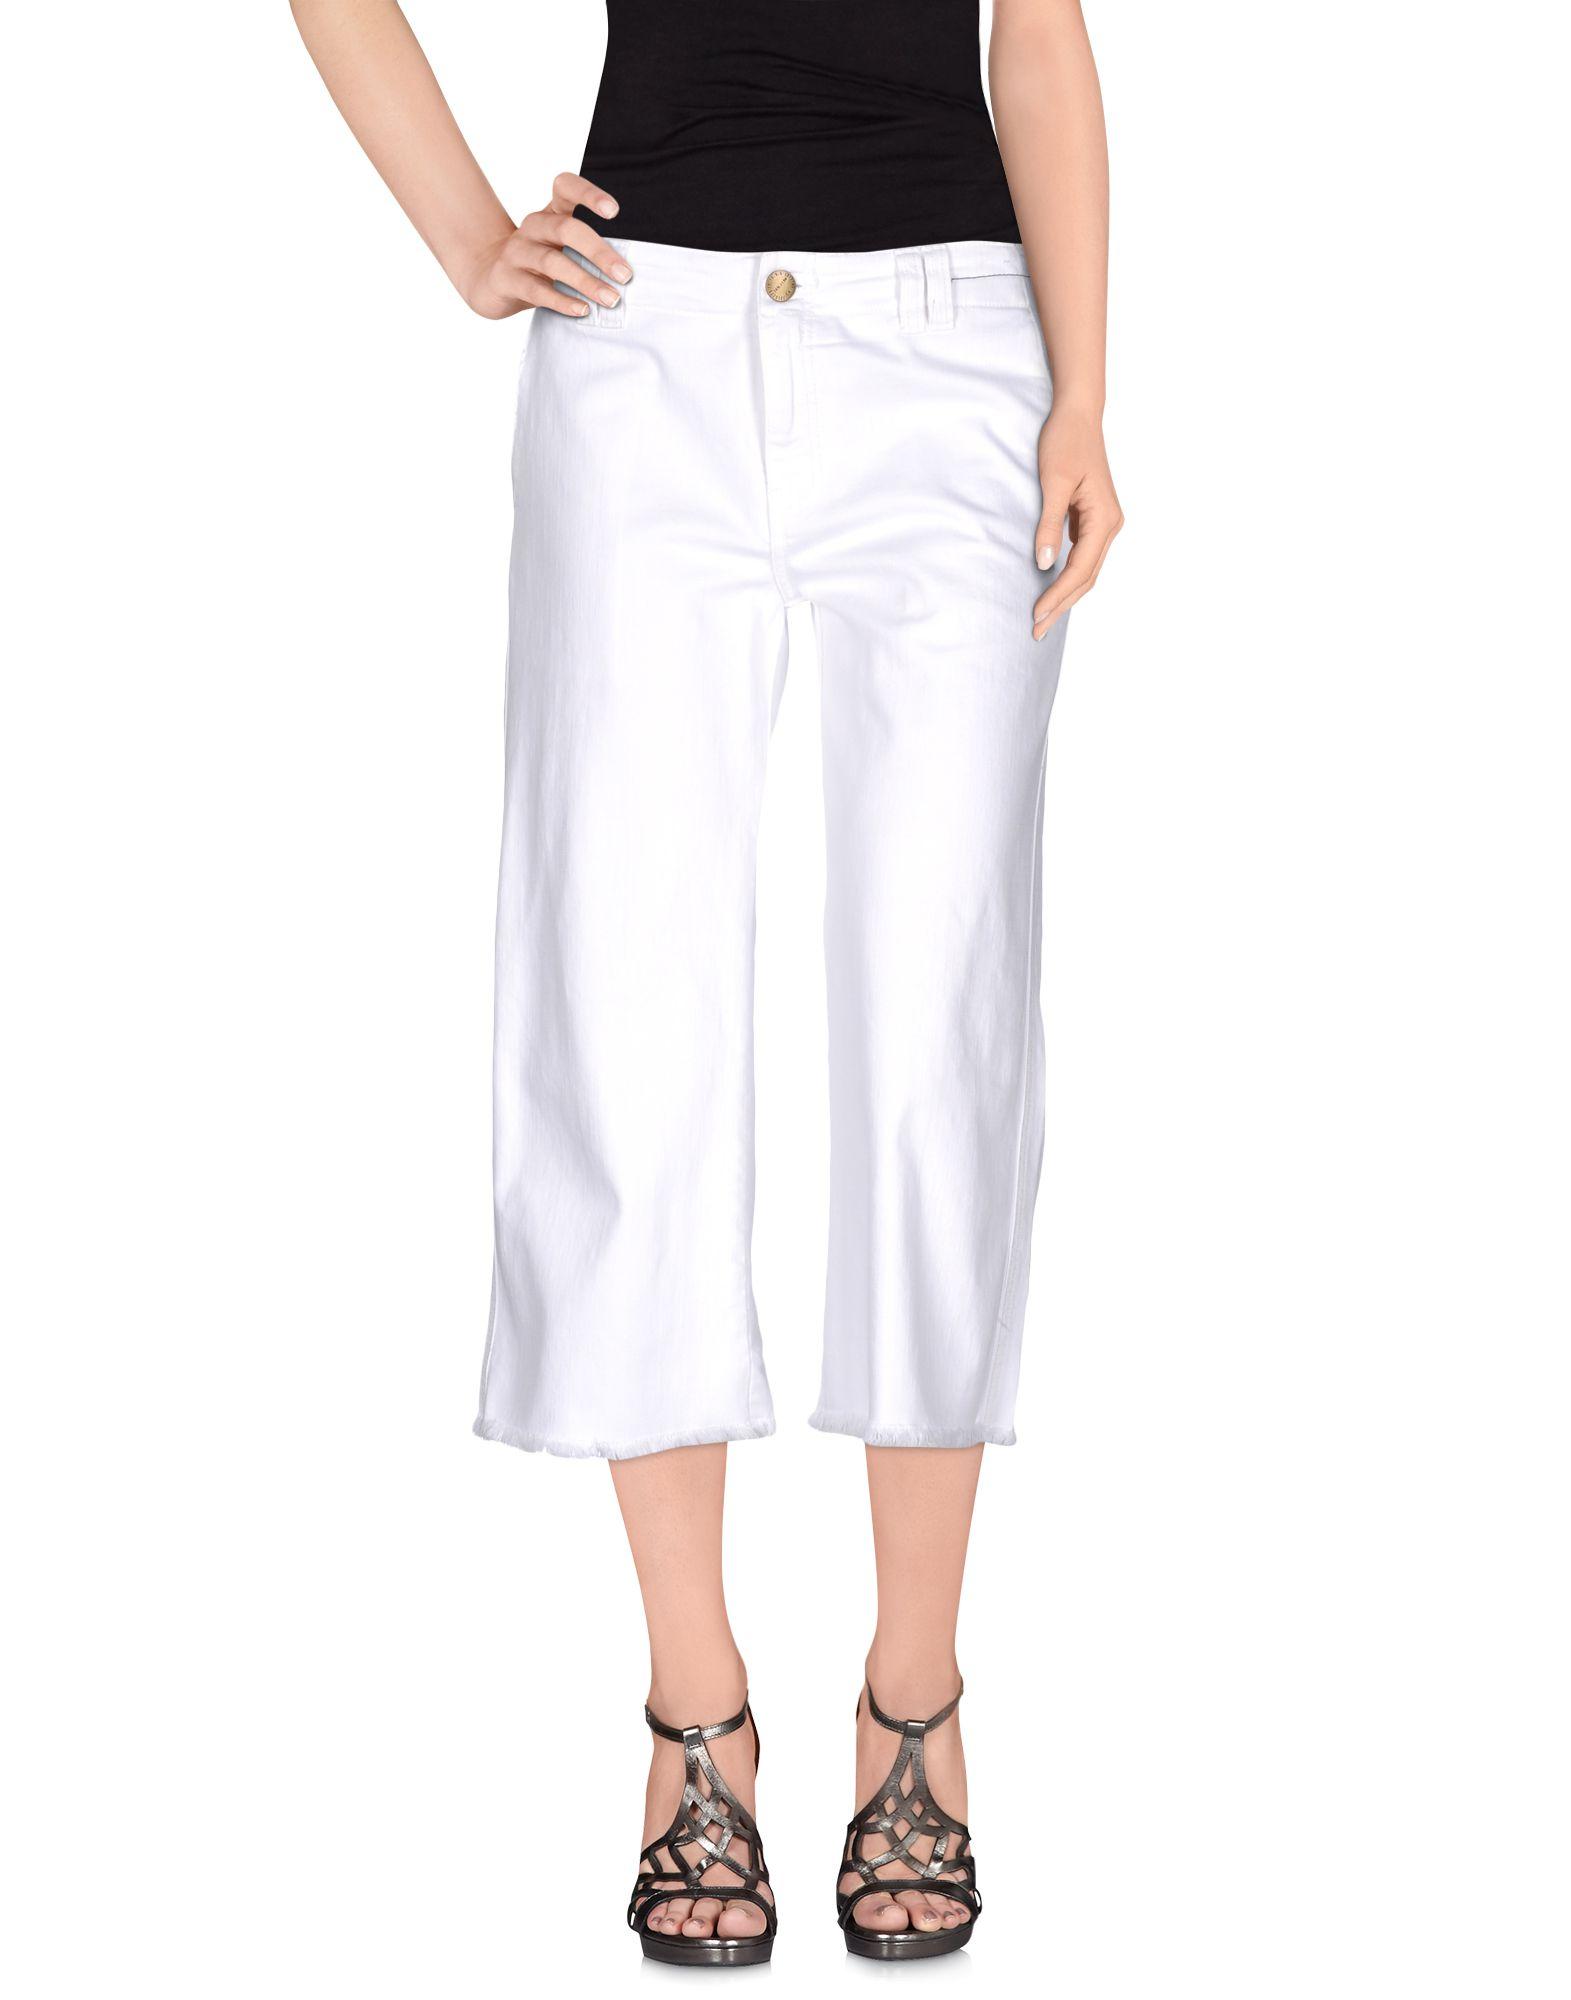 Pantaloni Jeans Current Current Current Elliott donna - 42541370OU 170